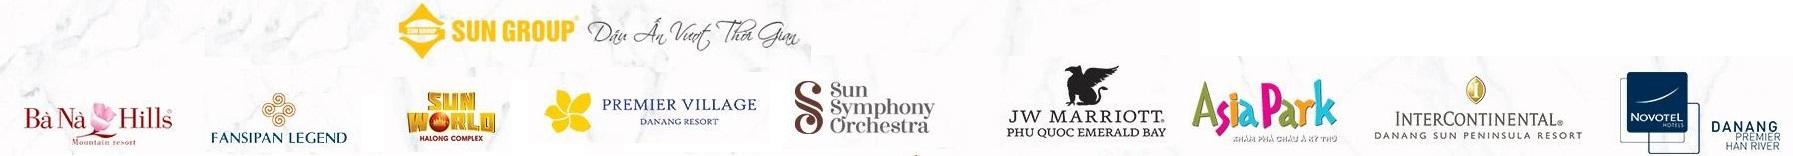 đối tác Sun Group Phú Quốc